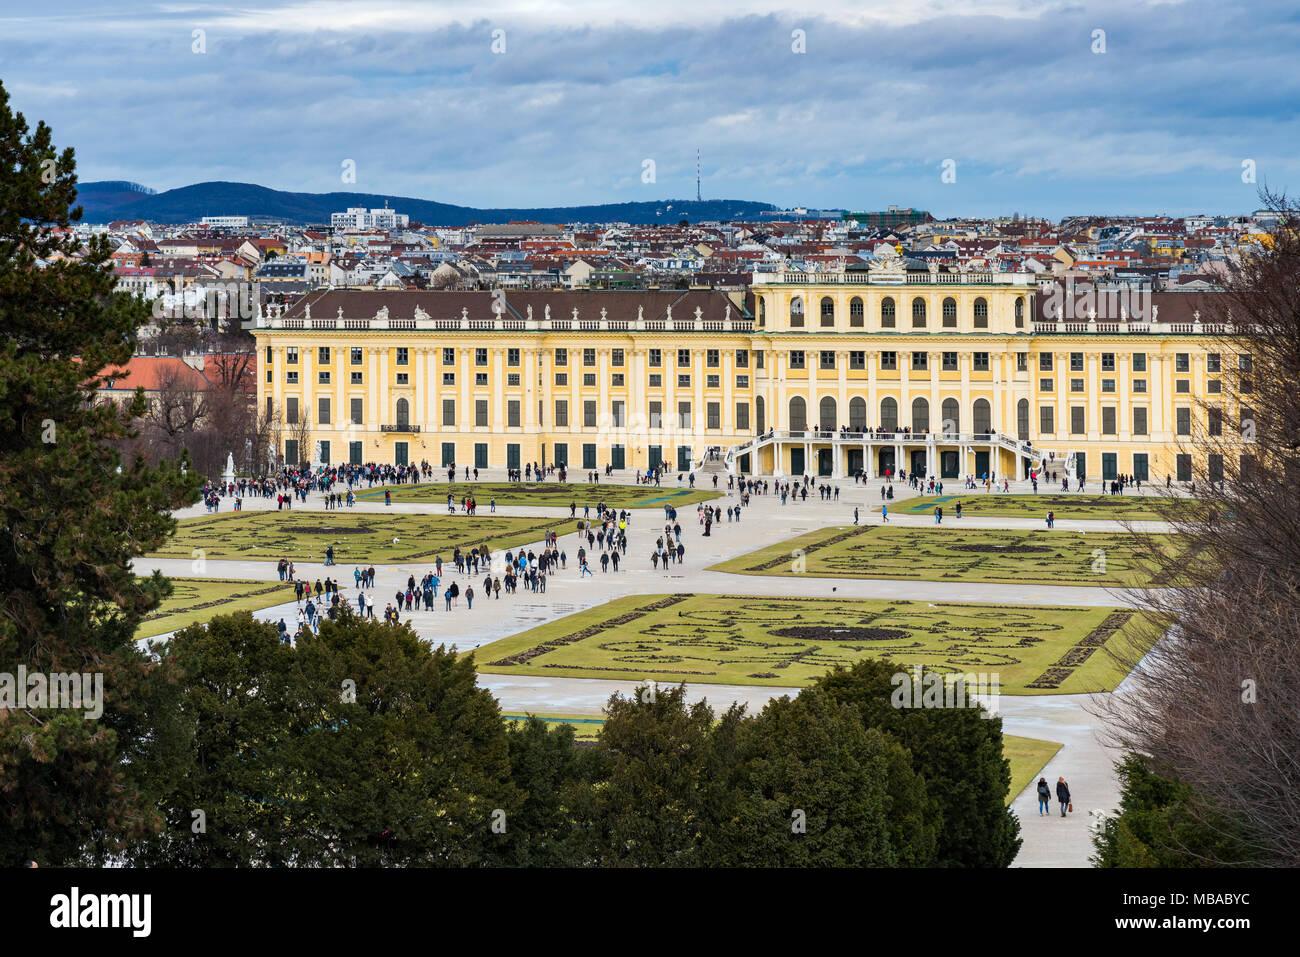 Der Garten Park in Shonbrunn Palace (Wien) bereit für den Winter mit fehlenden Blumen und große Gruppen von Touristen zu Fuß Stockbild